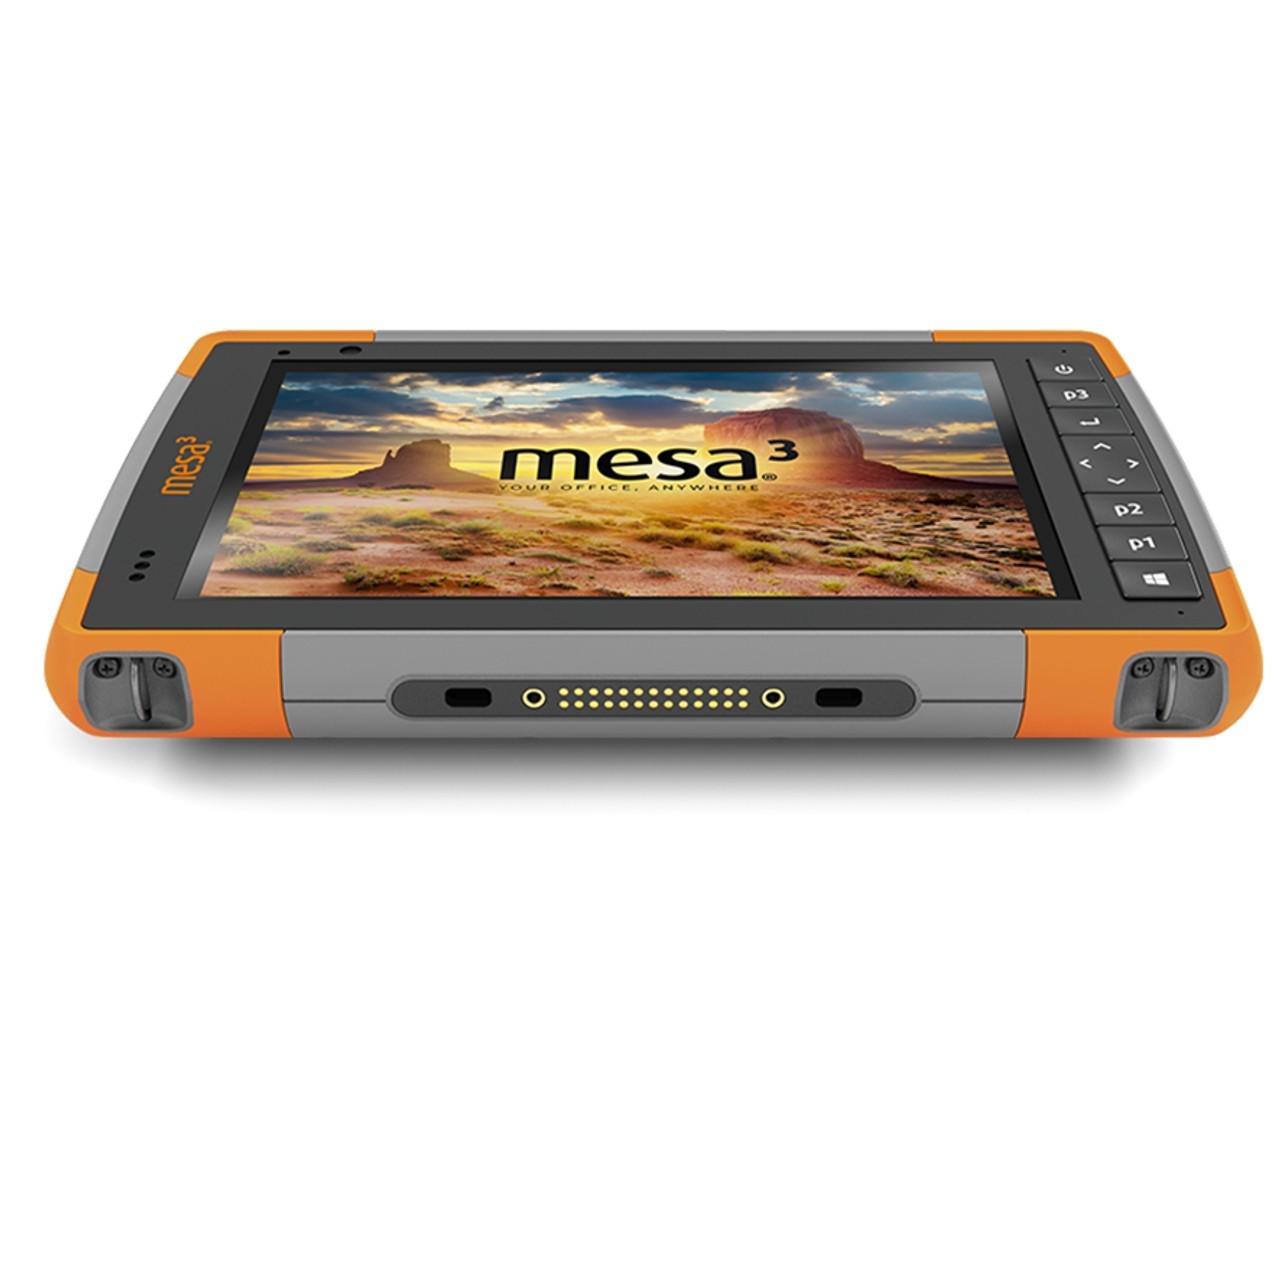 Mesa 3 rugged tablet